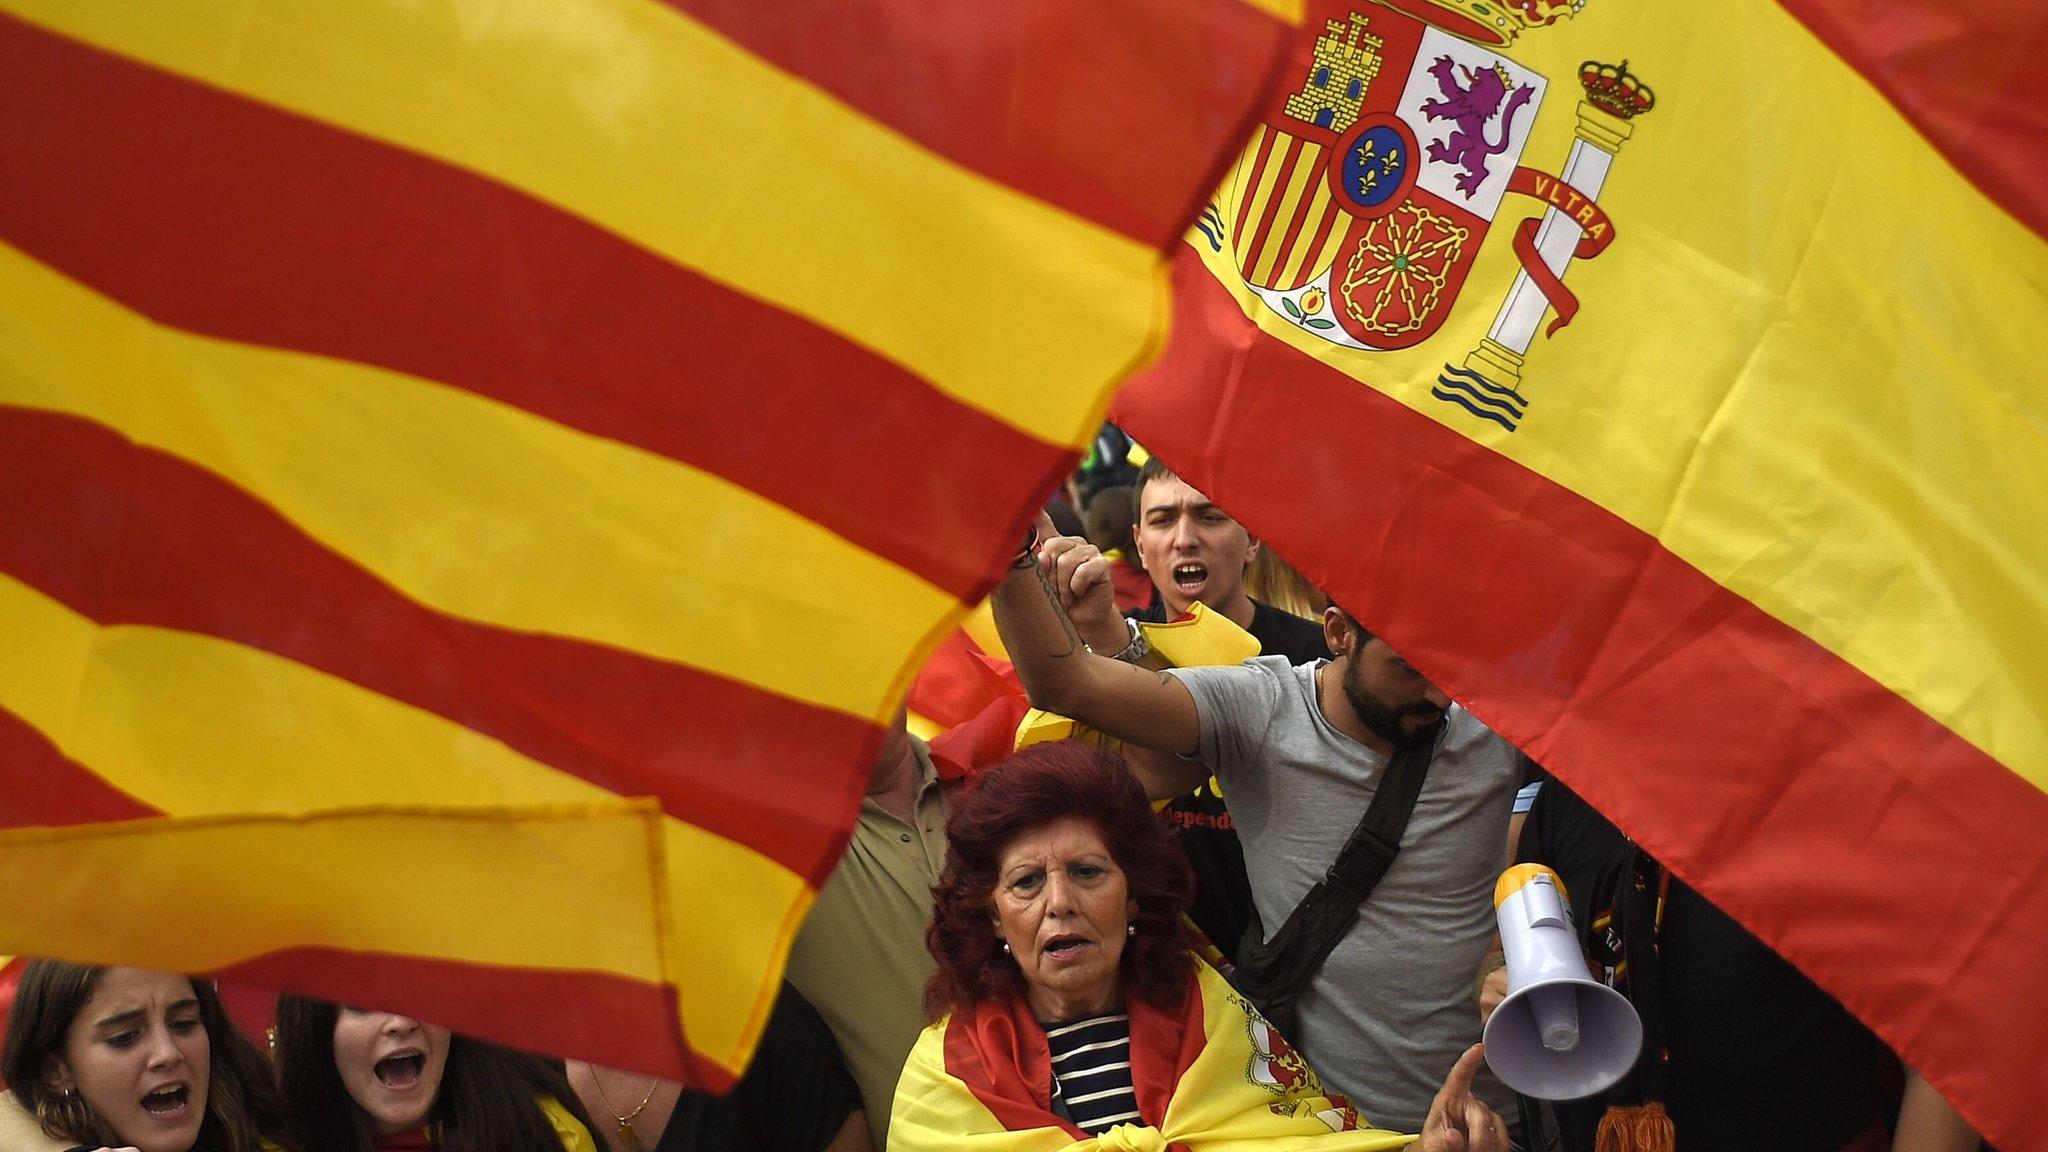 الحكومة الإسبانية بصدد تعليق الحكم الذاتي في اقليم كتالونيا